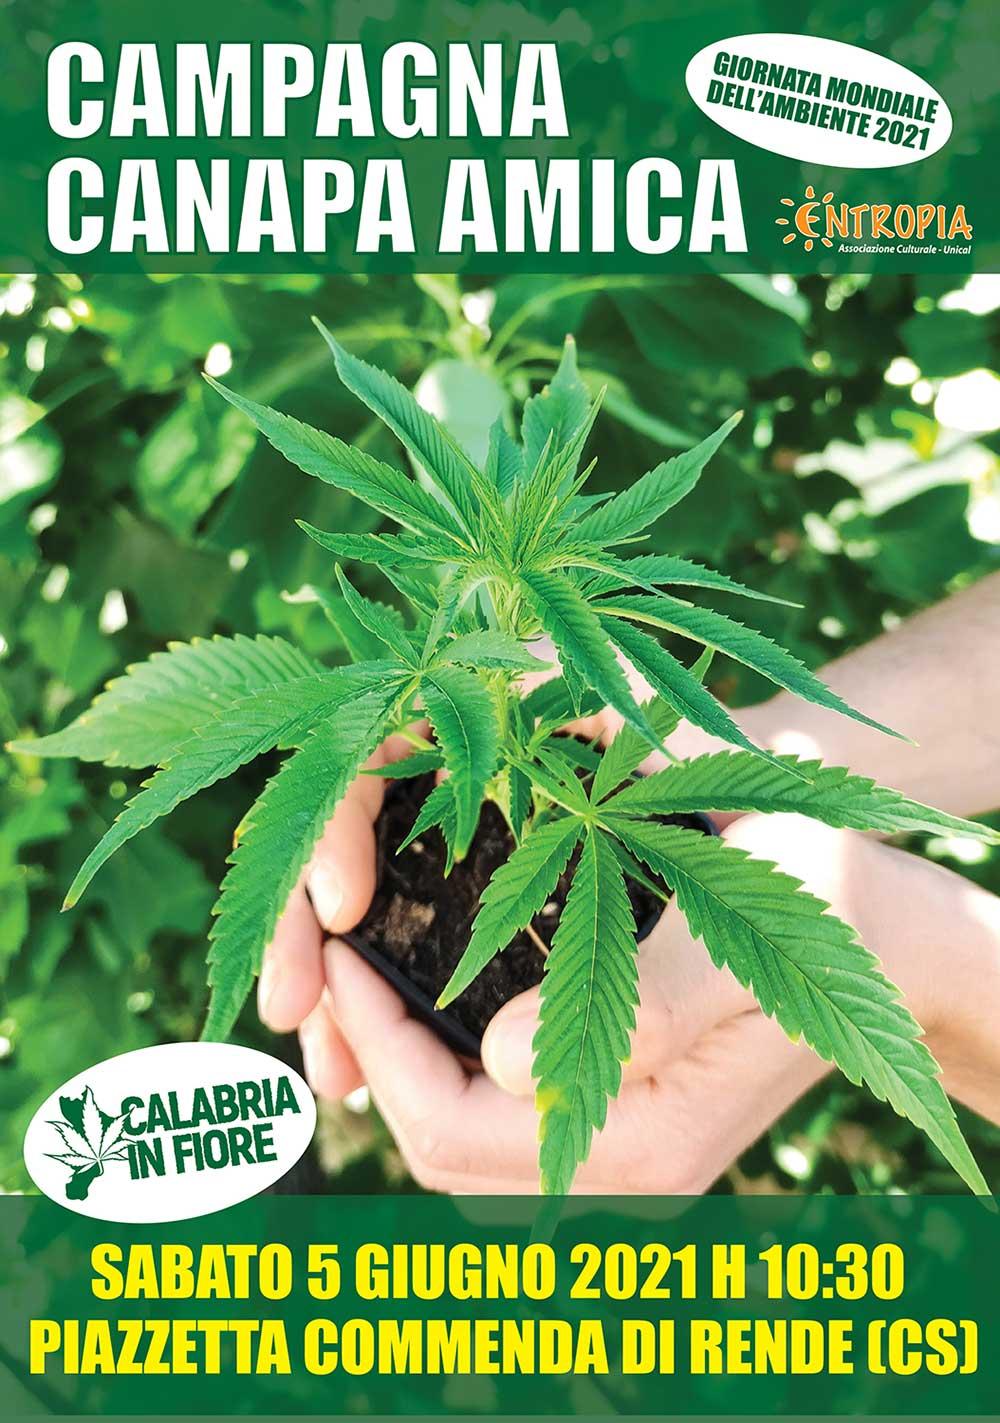 CANAPA_AMICA_ok